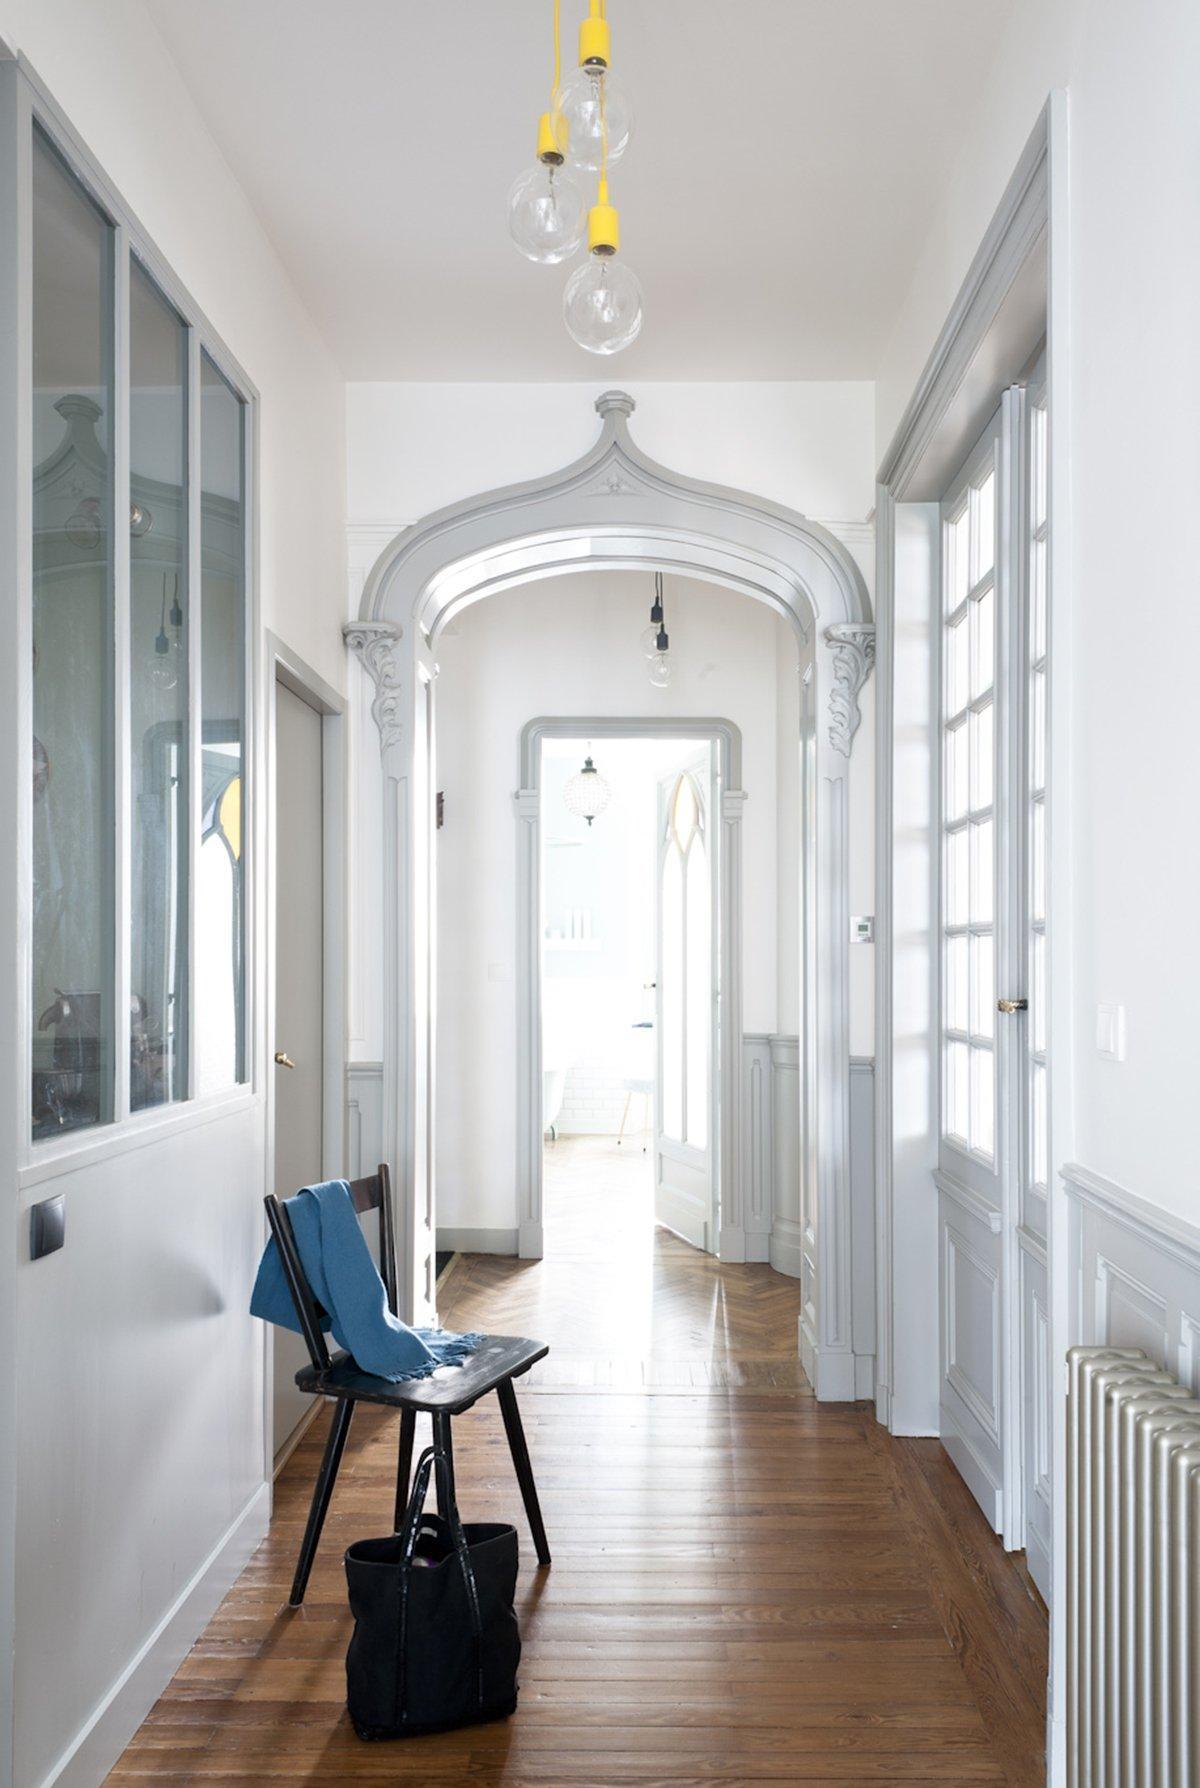 Бюджетный ремонт в коридоре в однокомнатной квартире